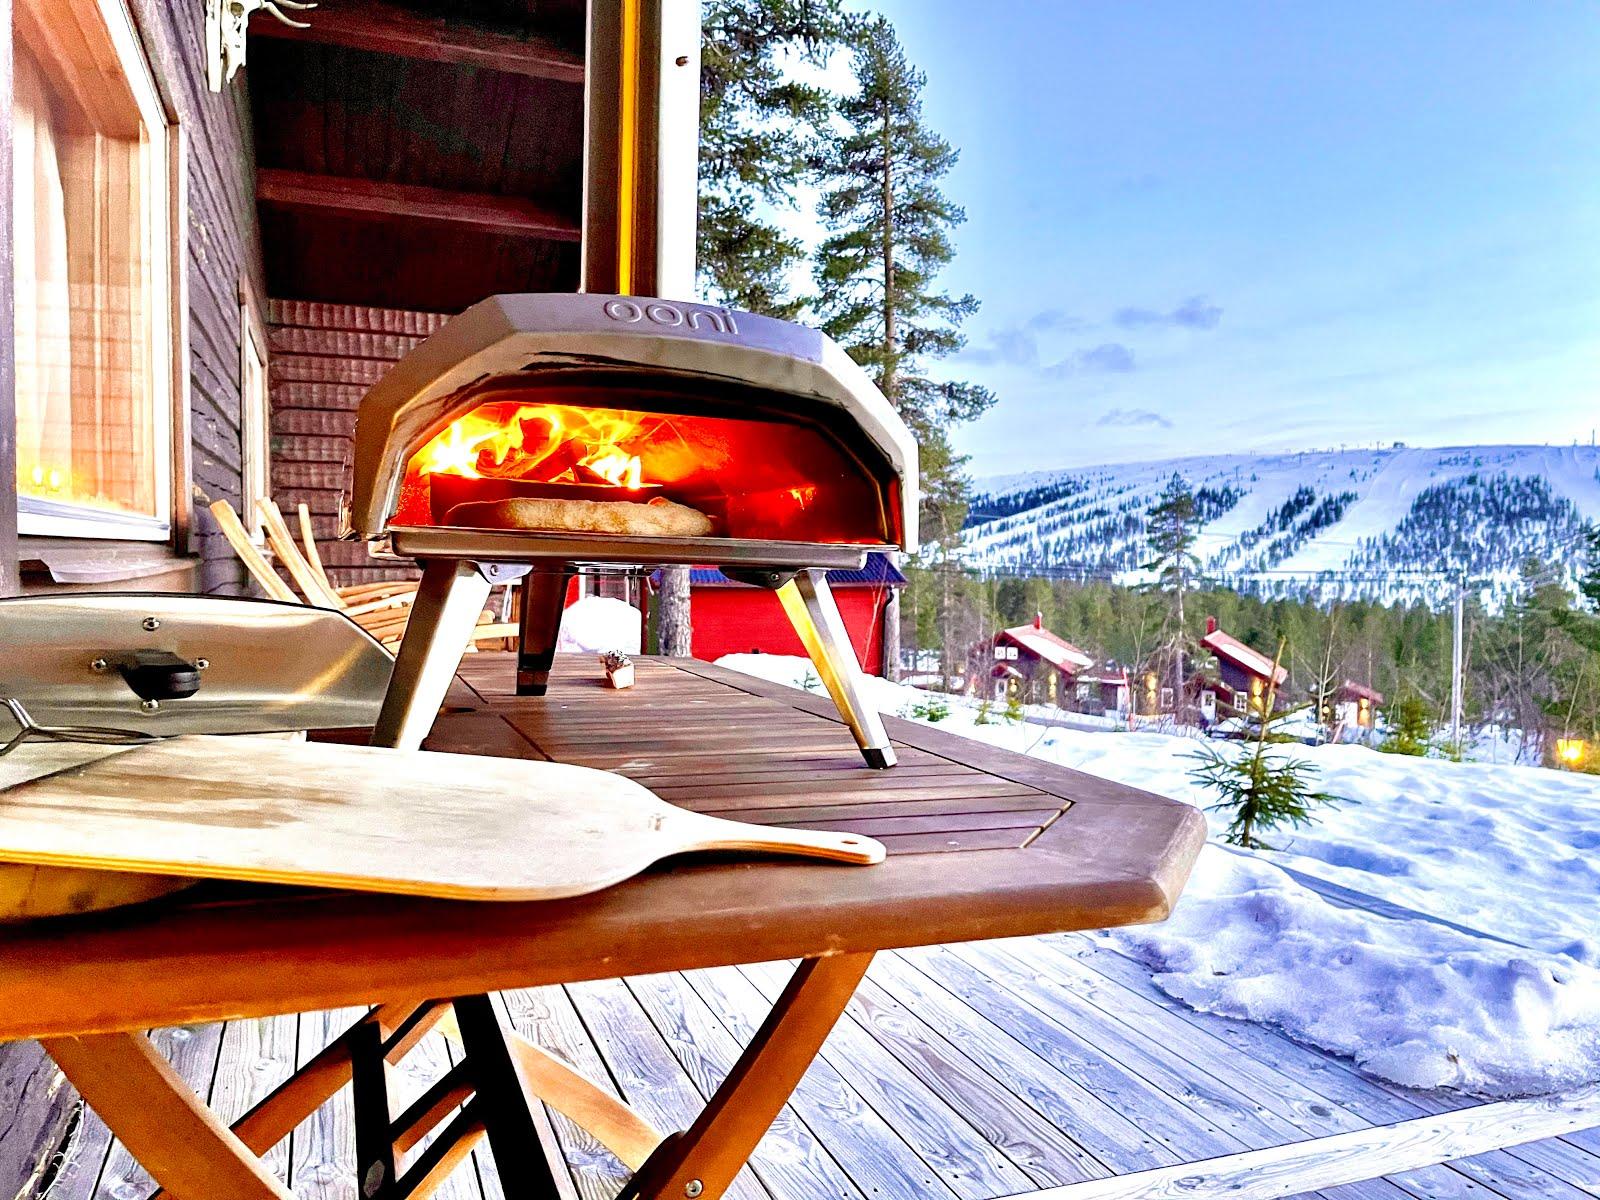 Pizza smakar gott efter en dag på fjället